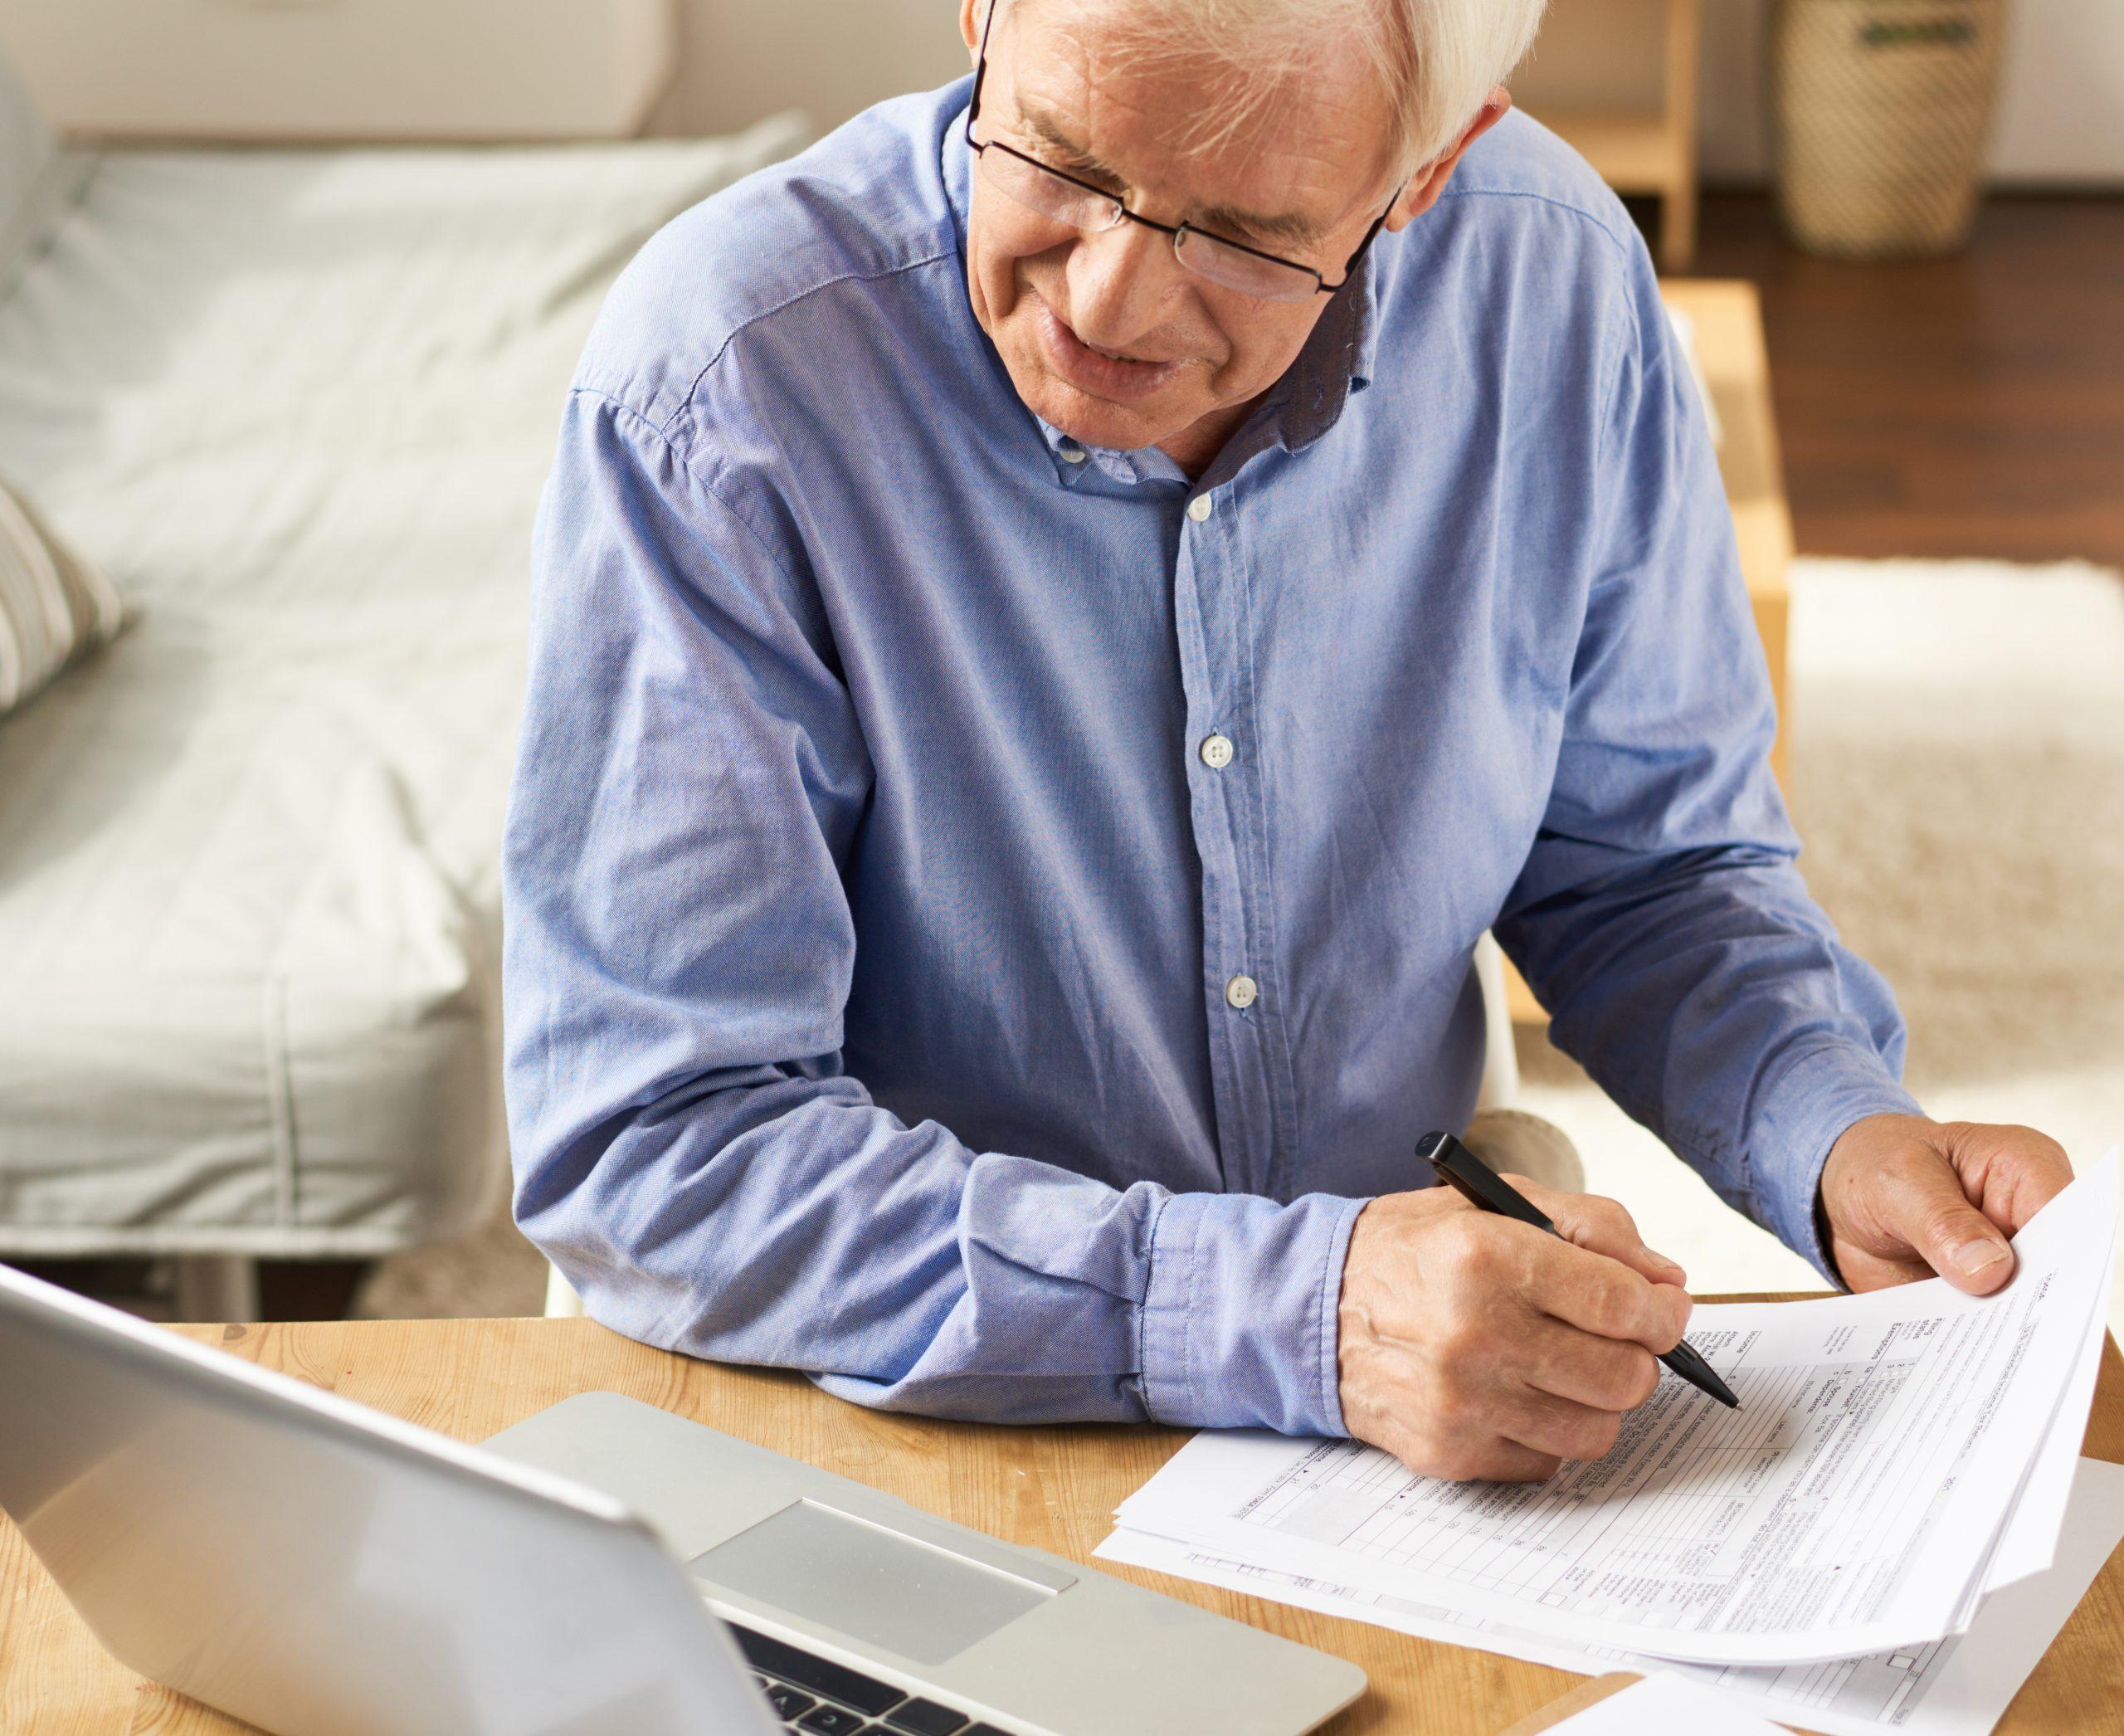 Ampliación del plazo para la presentación e ingreso de determinadas declaraciones y autoliquidaciones